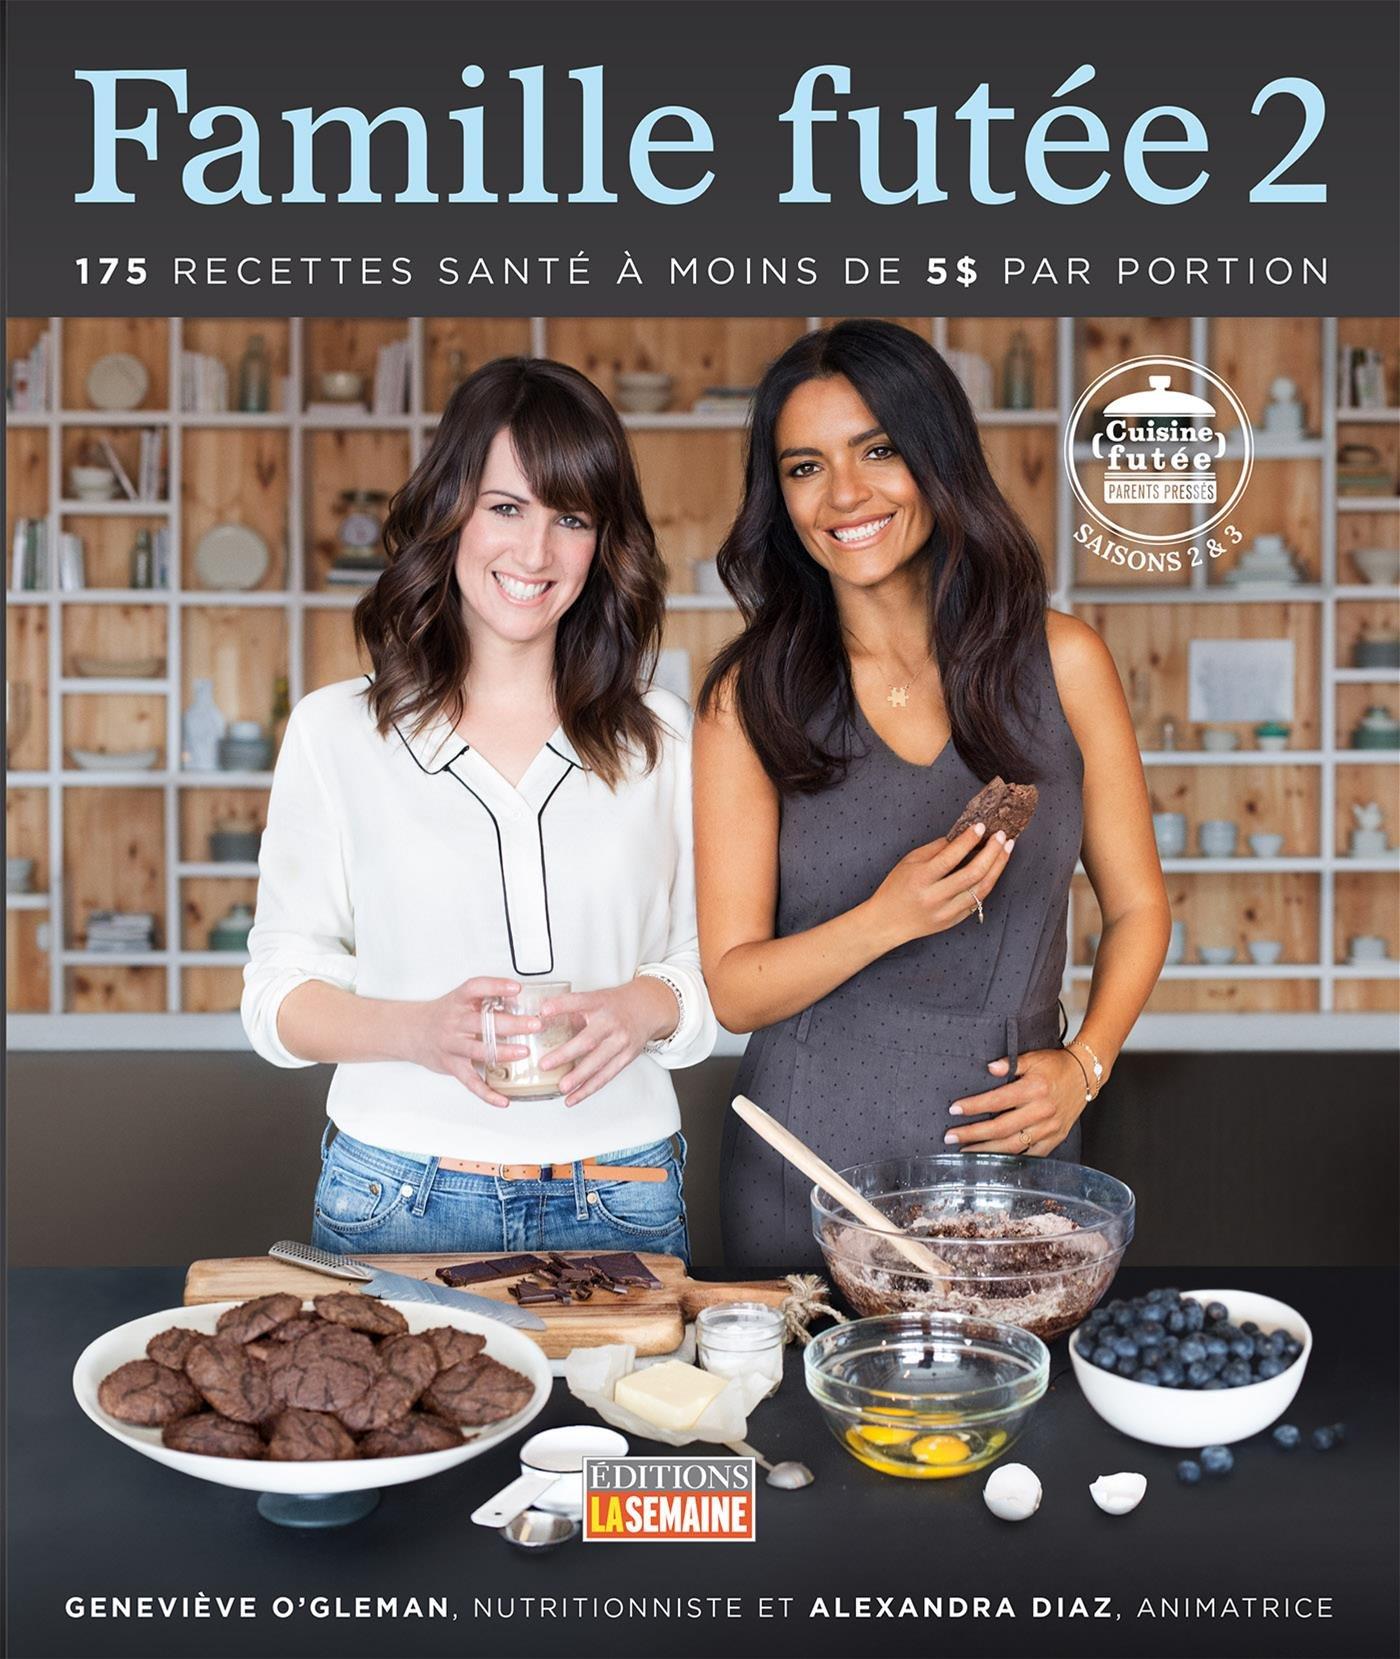 Famille Futee 2 175 Recettes Sante A Moins De 5 Par Portion